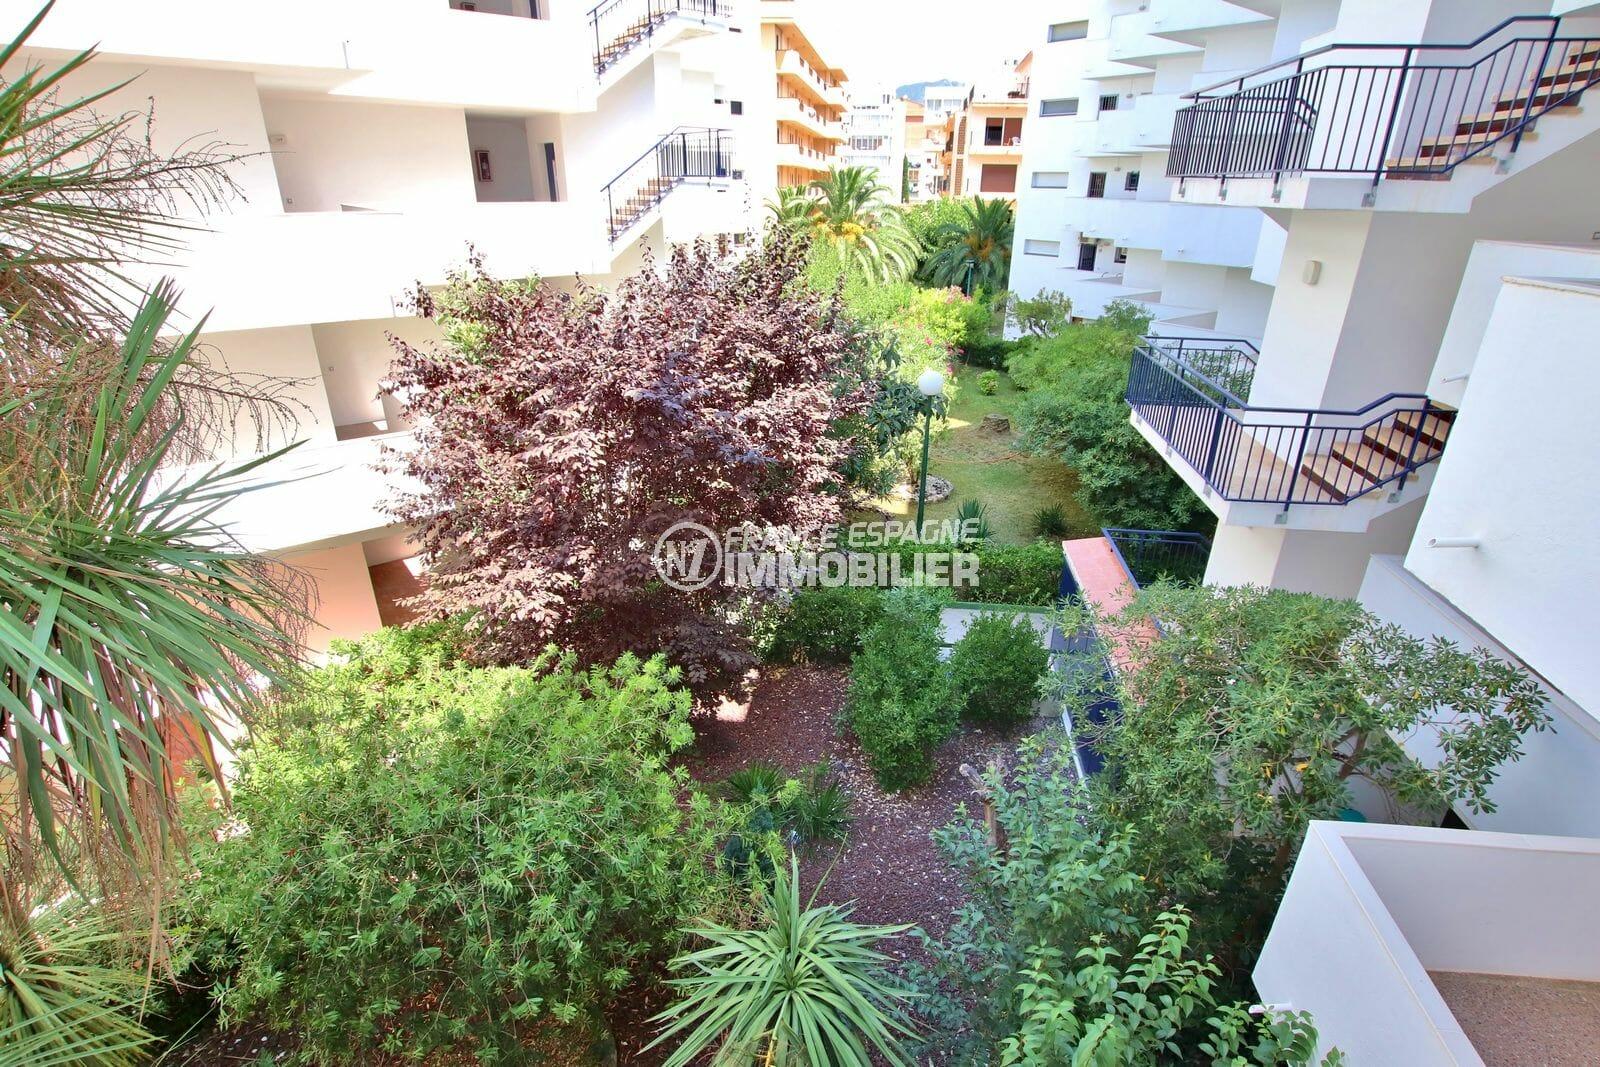 acheter appartement roses: 53 m², aperçu des parties communes de la résidence